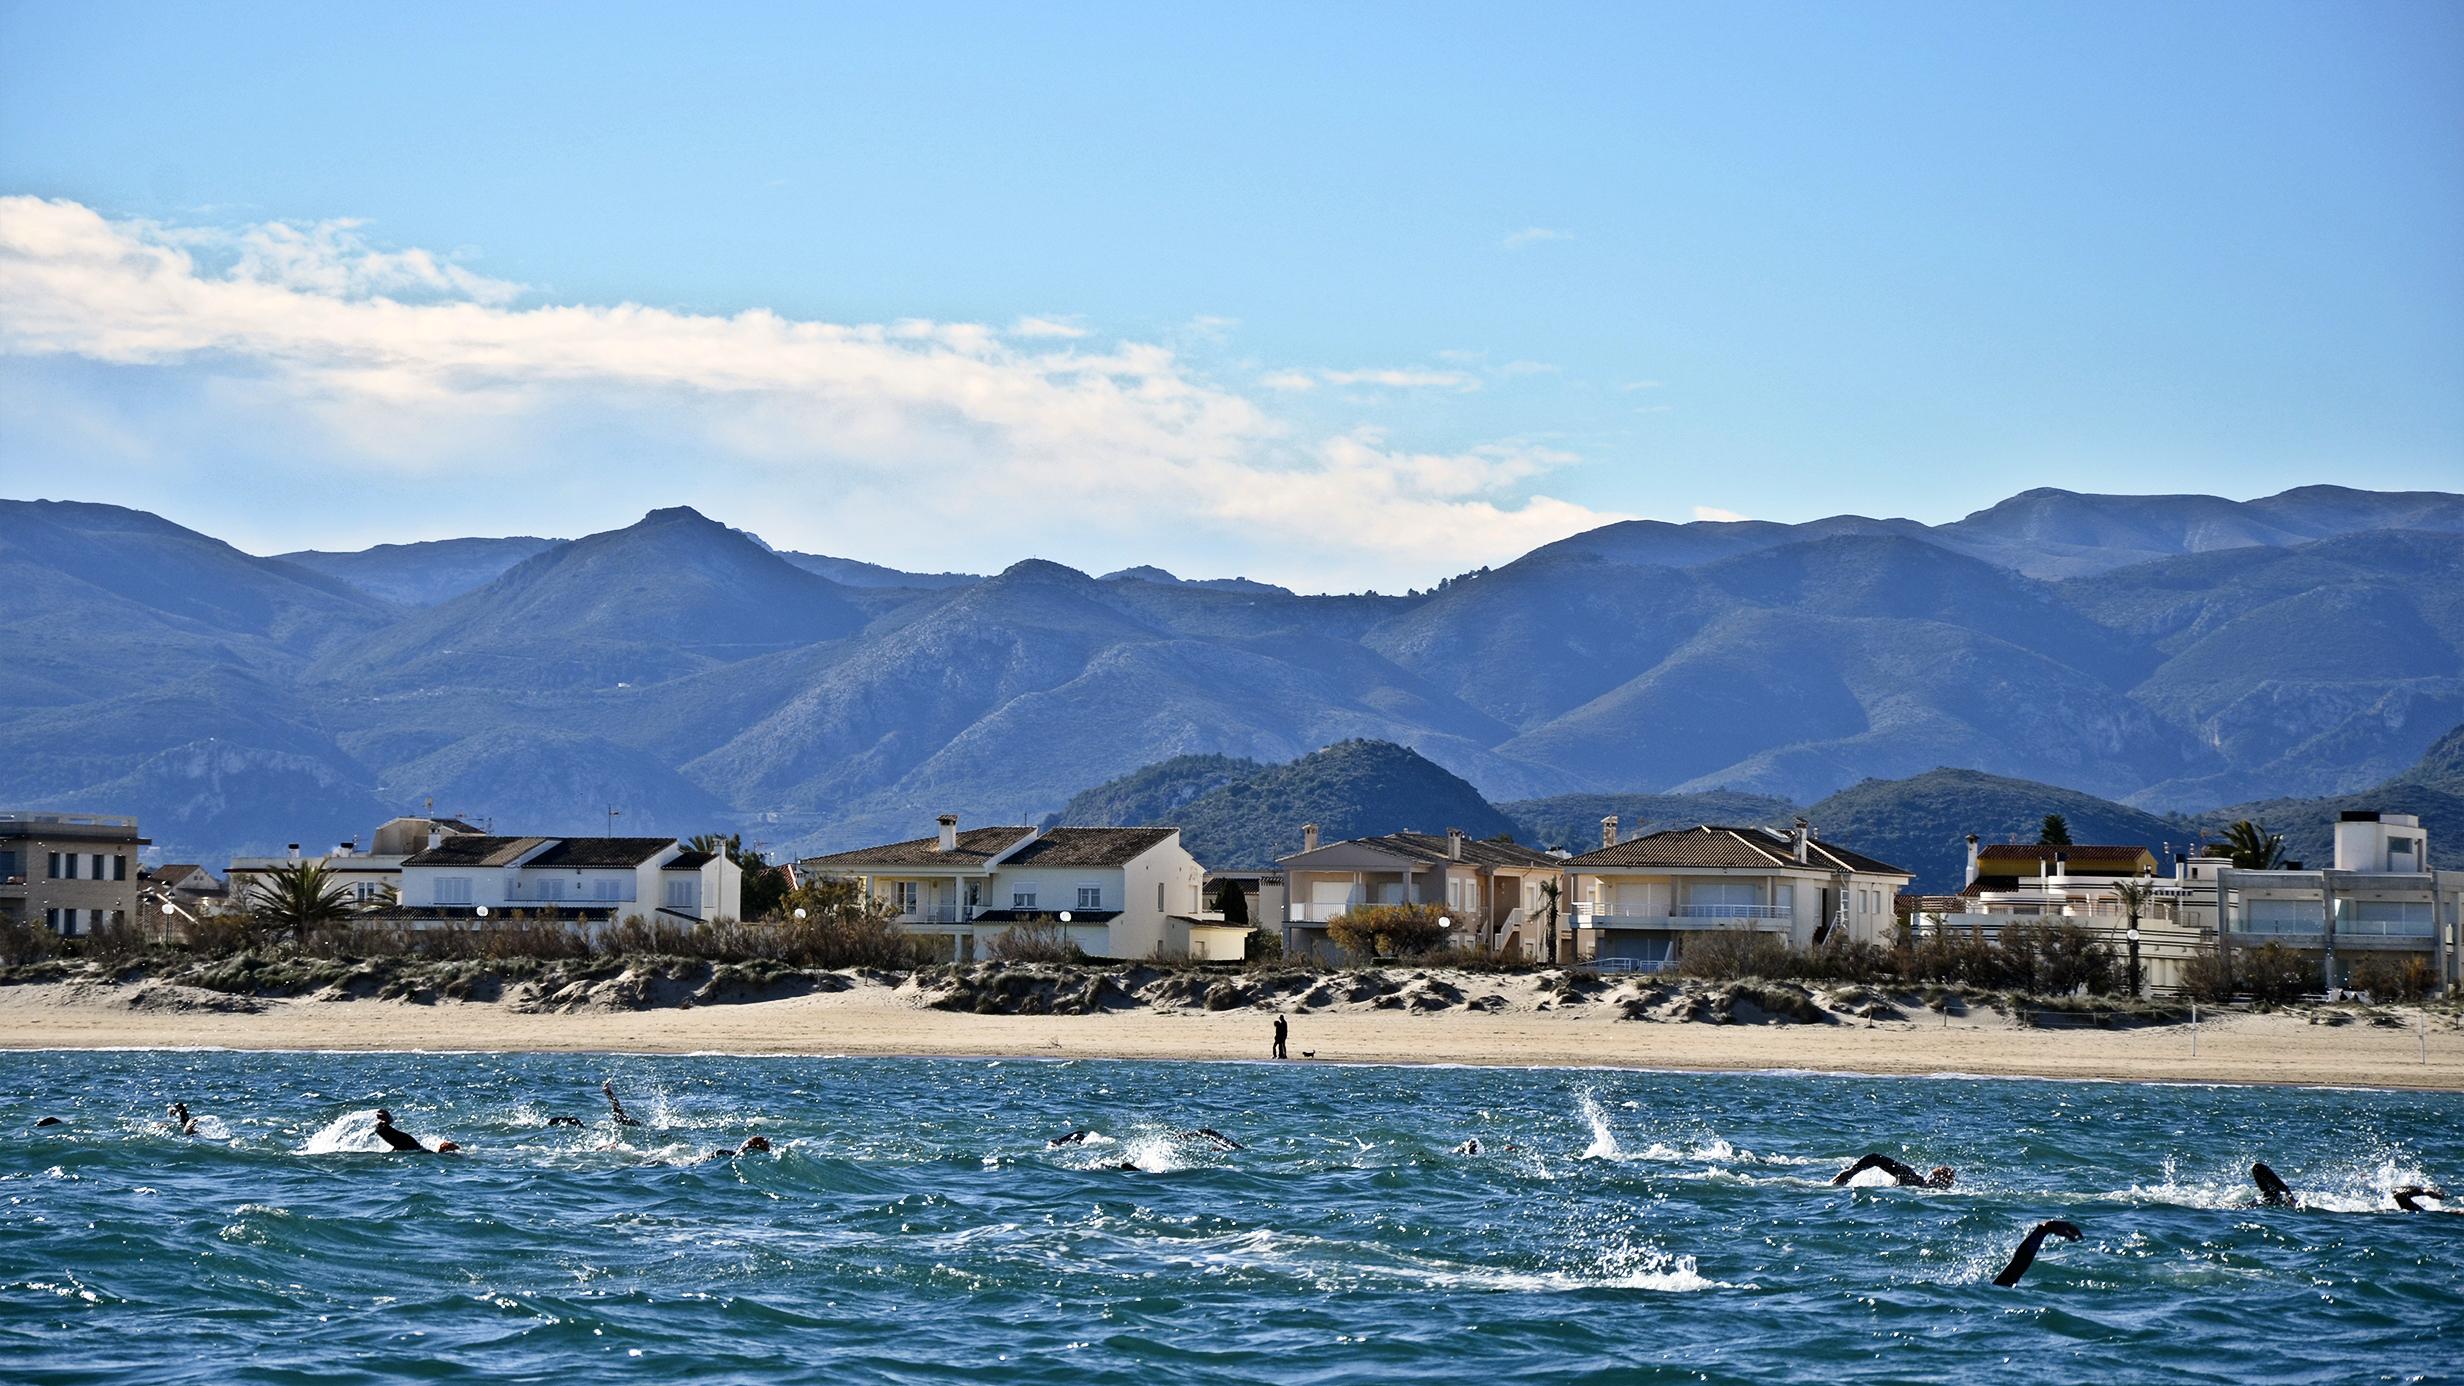 Playa Playa de los mallorquines